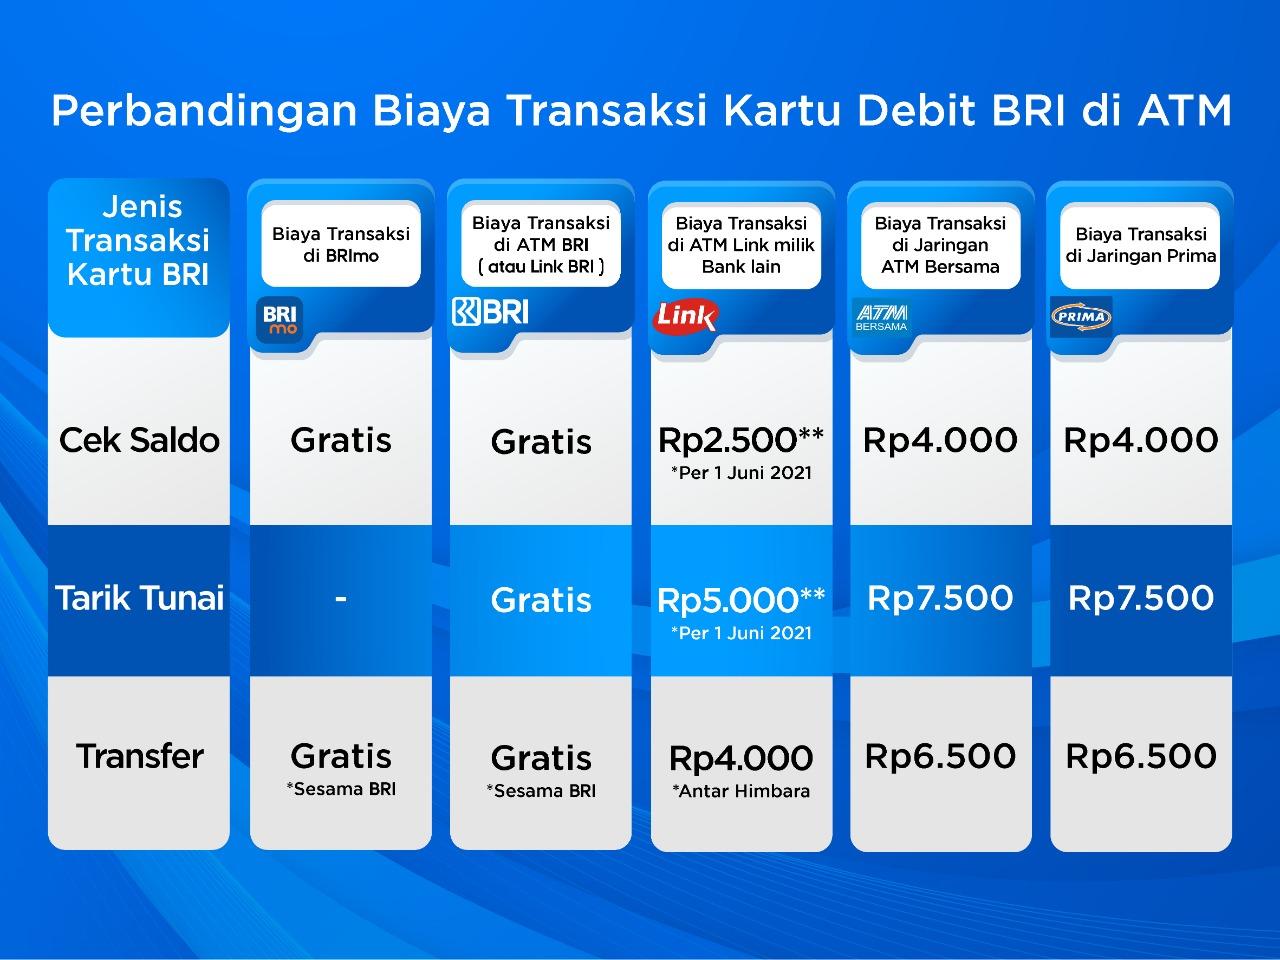 Masih Gratis! Ini Perbandingan Biaya Transaksi Kartu Debit BRI di ATM